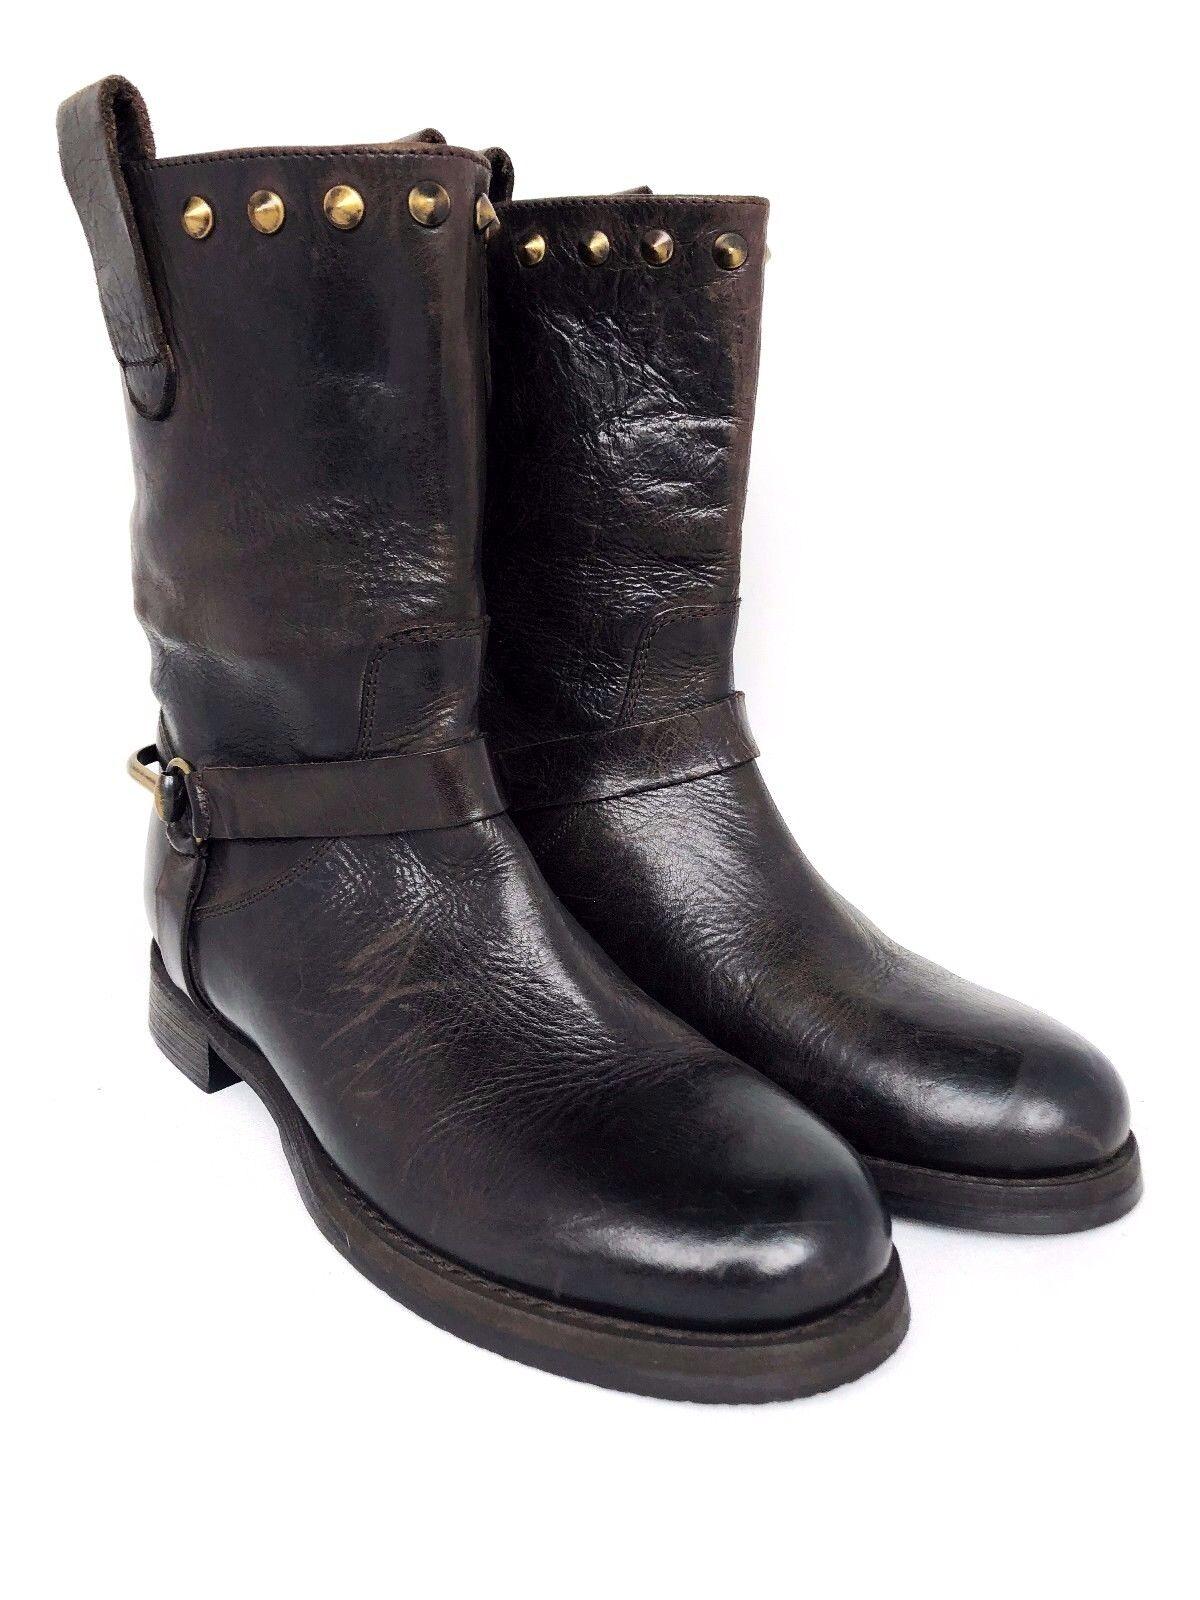 8645ea99 Boemos Marrón Cuero Tachonado botas Mitad de Pantorrilla Tire de hecho en  Italia M